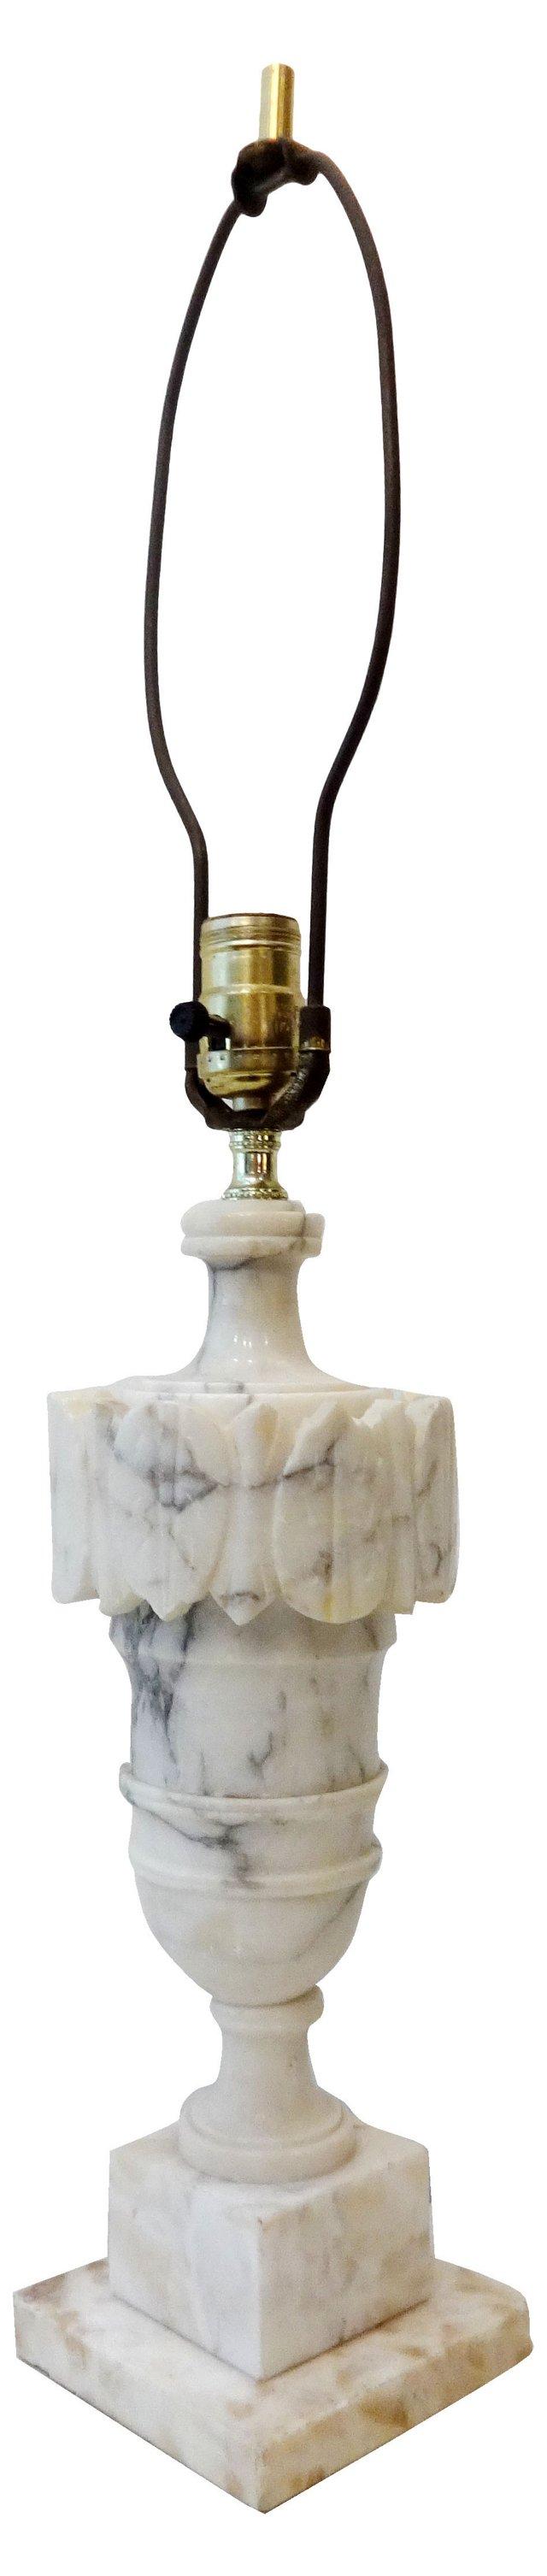 Italian Alabaster Lamp